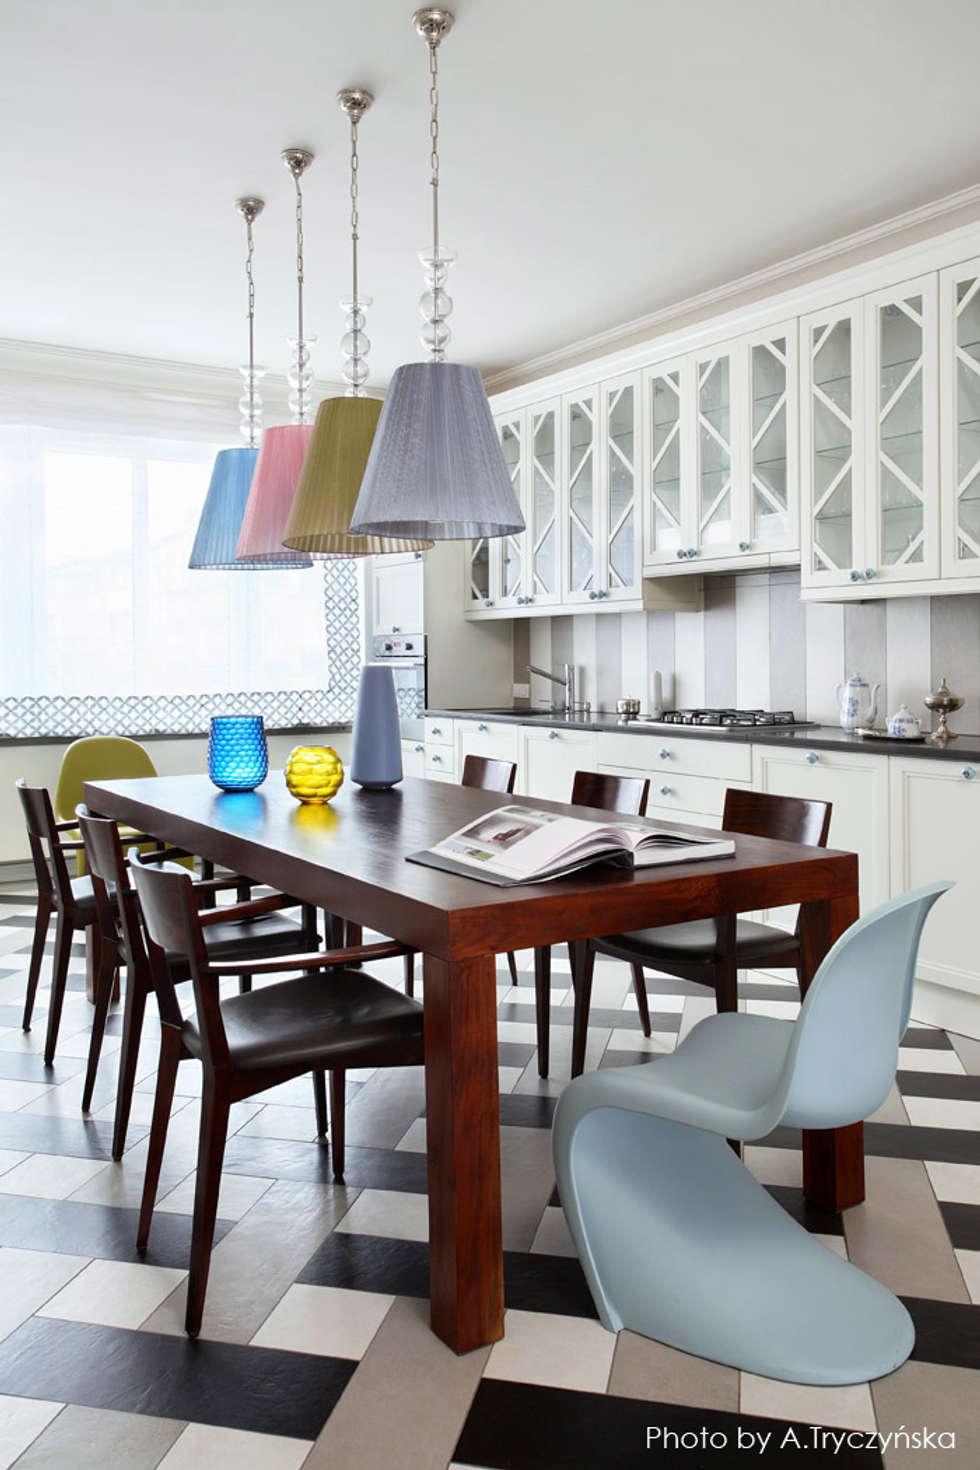 Kuchnia połączona z jadalnią: styl , w kategorii Kuchnia zaprojektowany przez MG Interior Studio Michał Głuszak